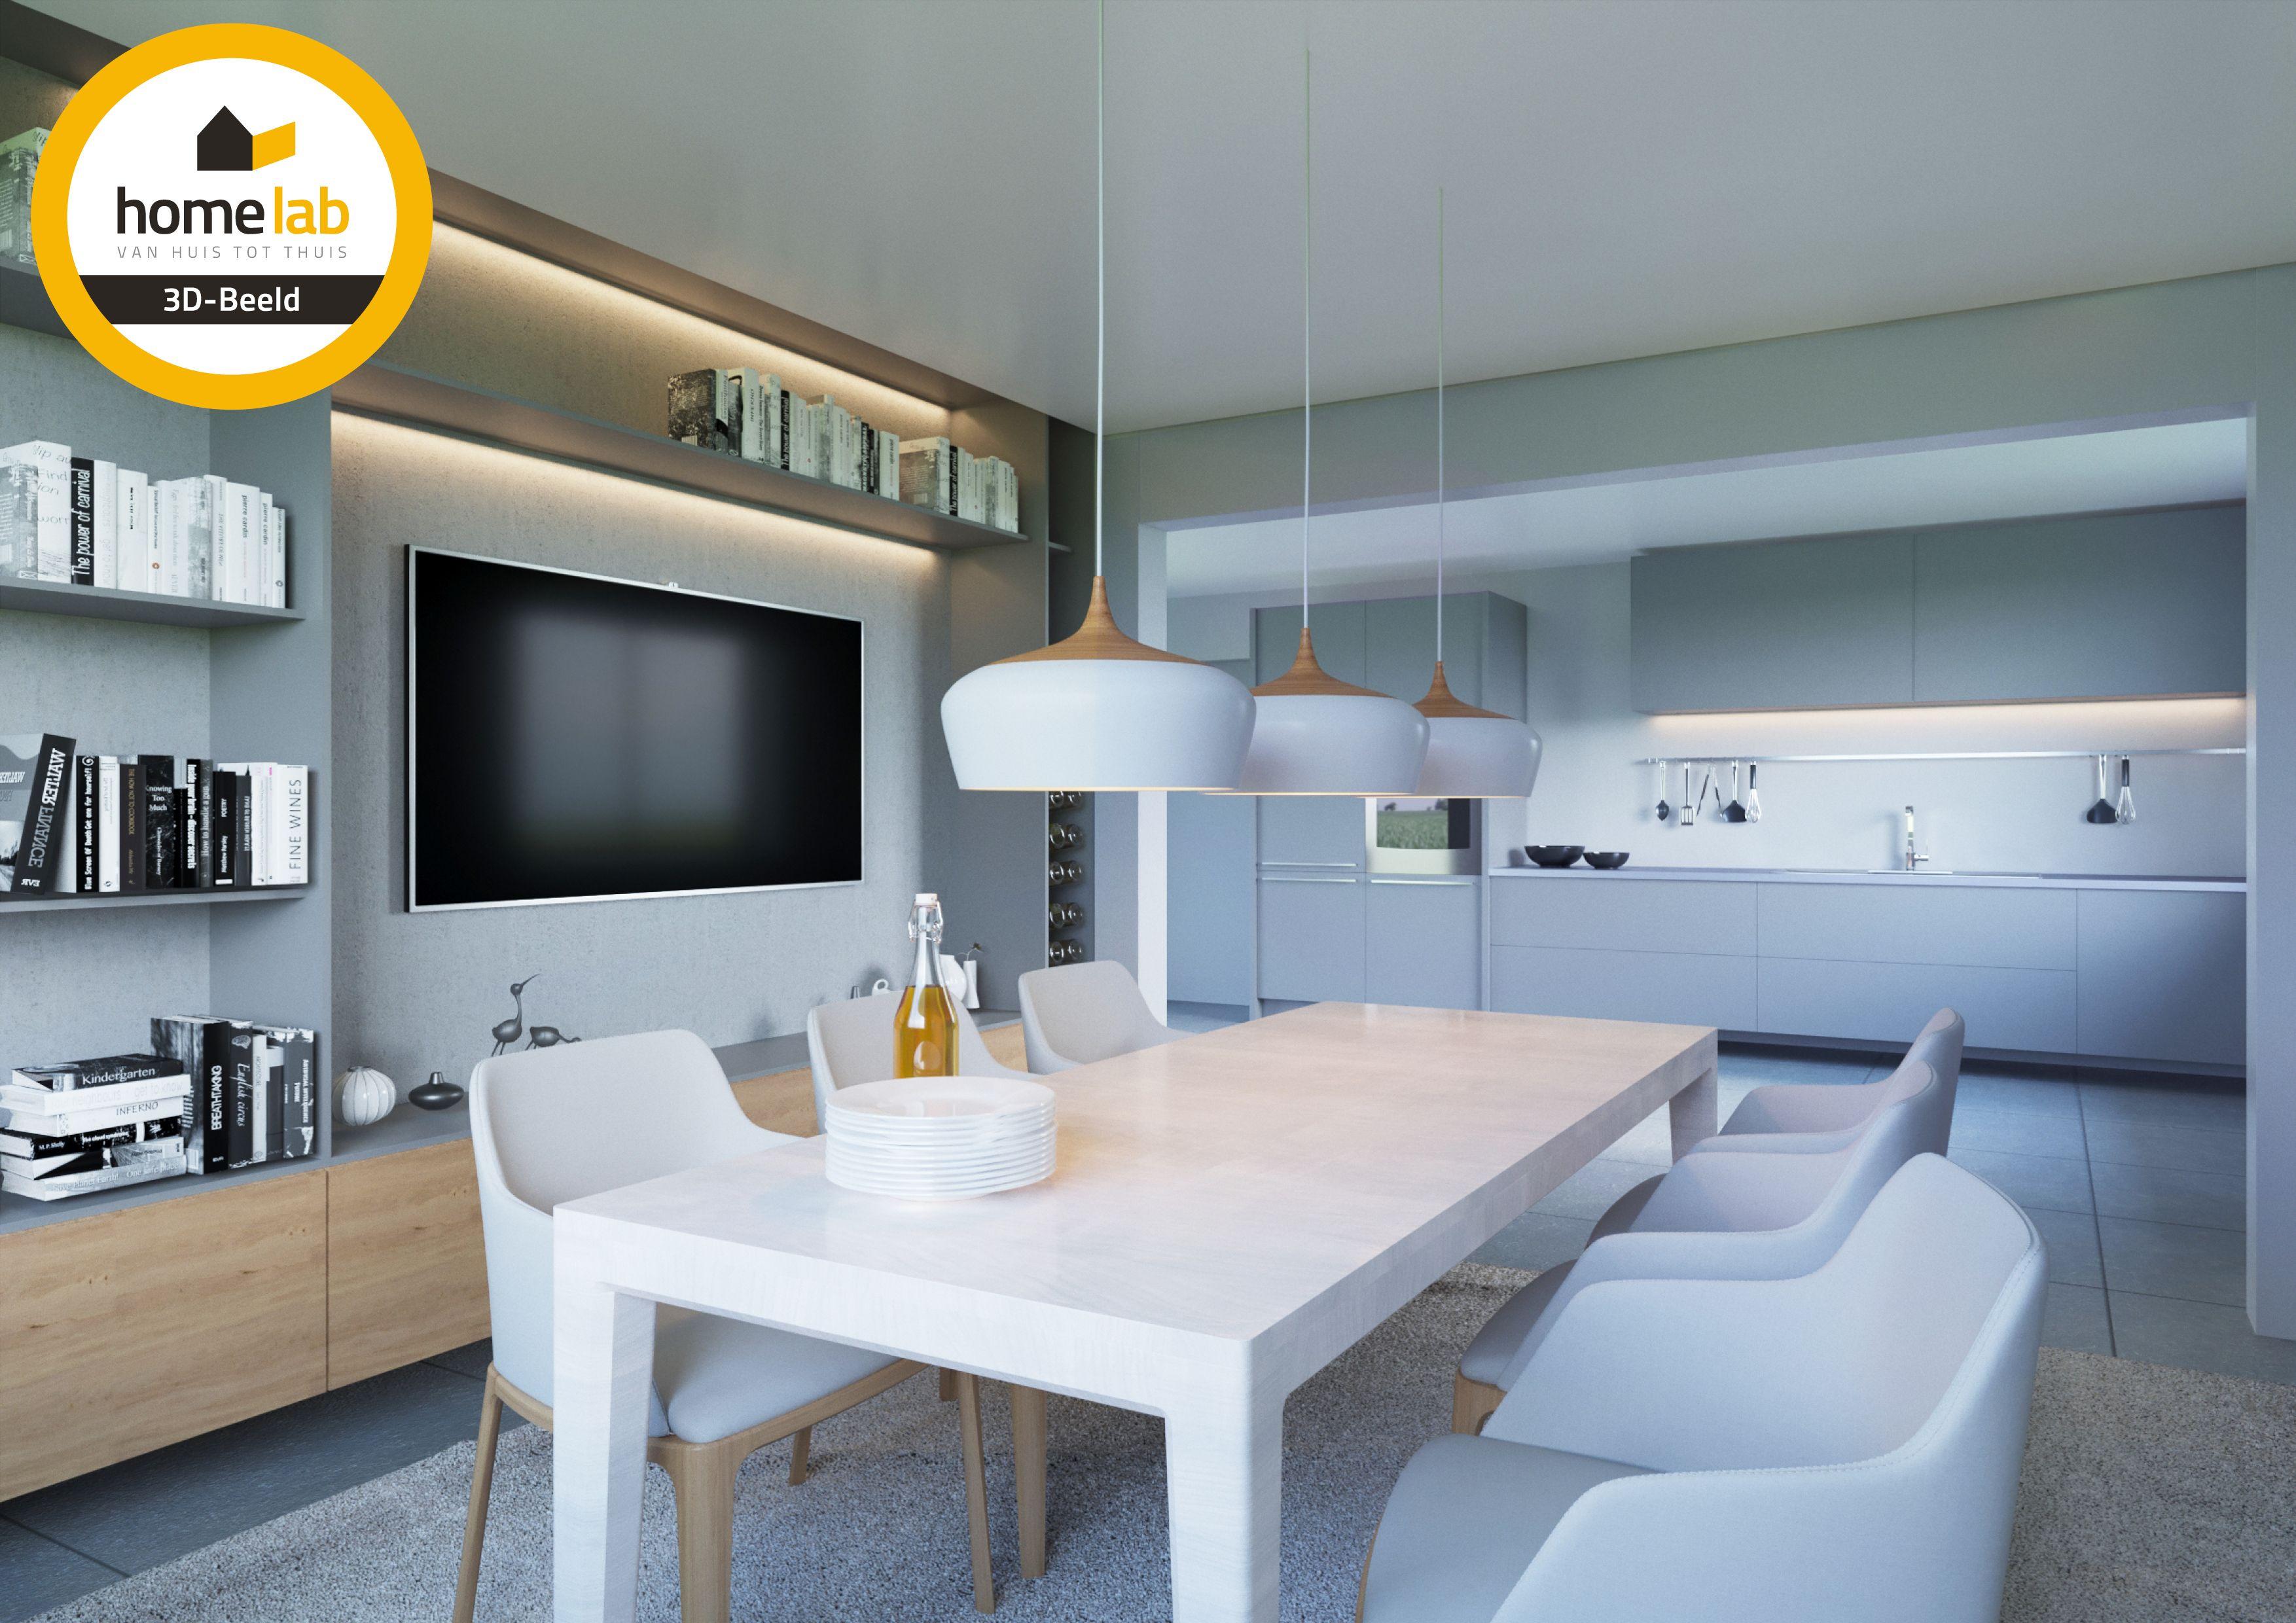 Keuken project Zonhoven #renovatie #homelabprojects #3D #renovatieplatform